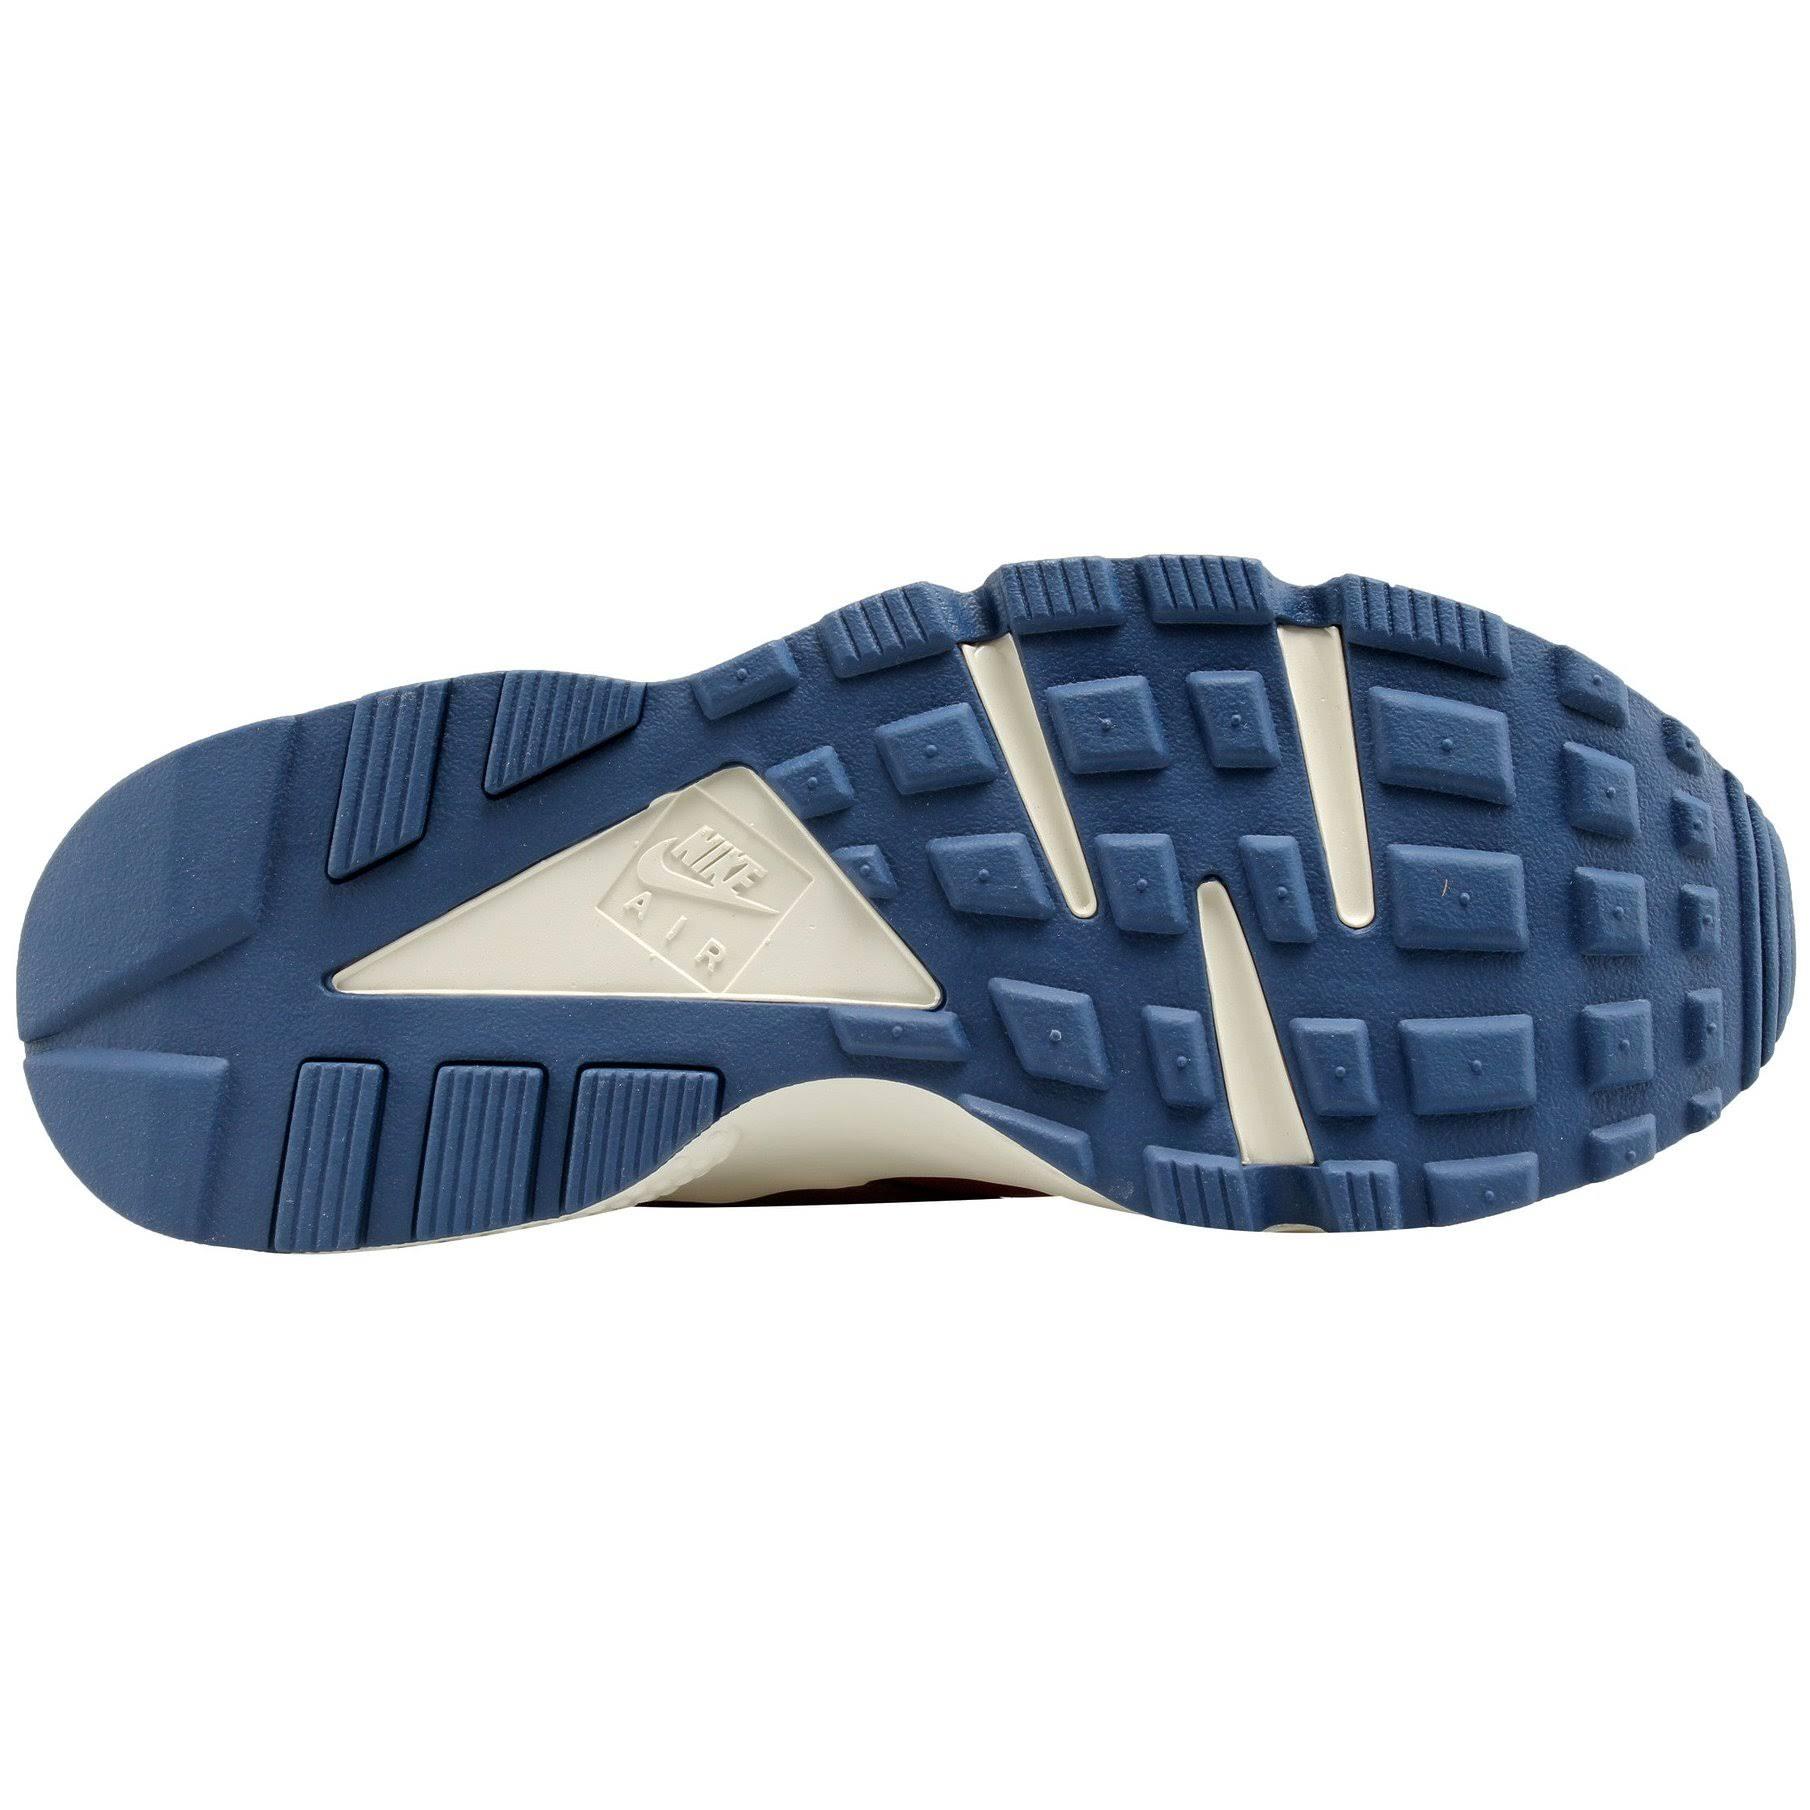 Air Shoes sail Team Huarache 318429 Running Men's Red Nike 608 navy PwqZx771